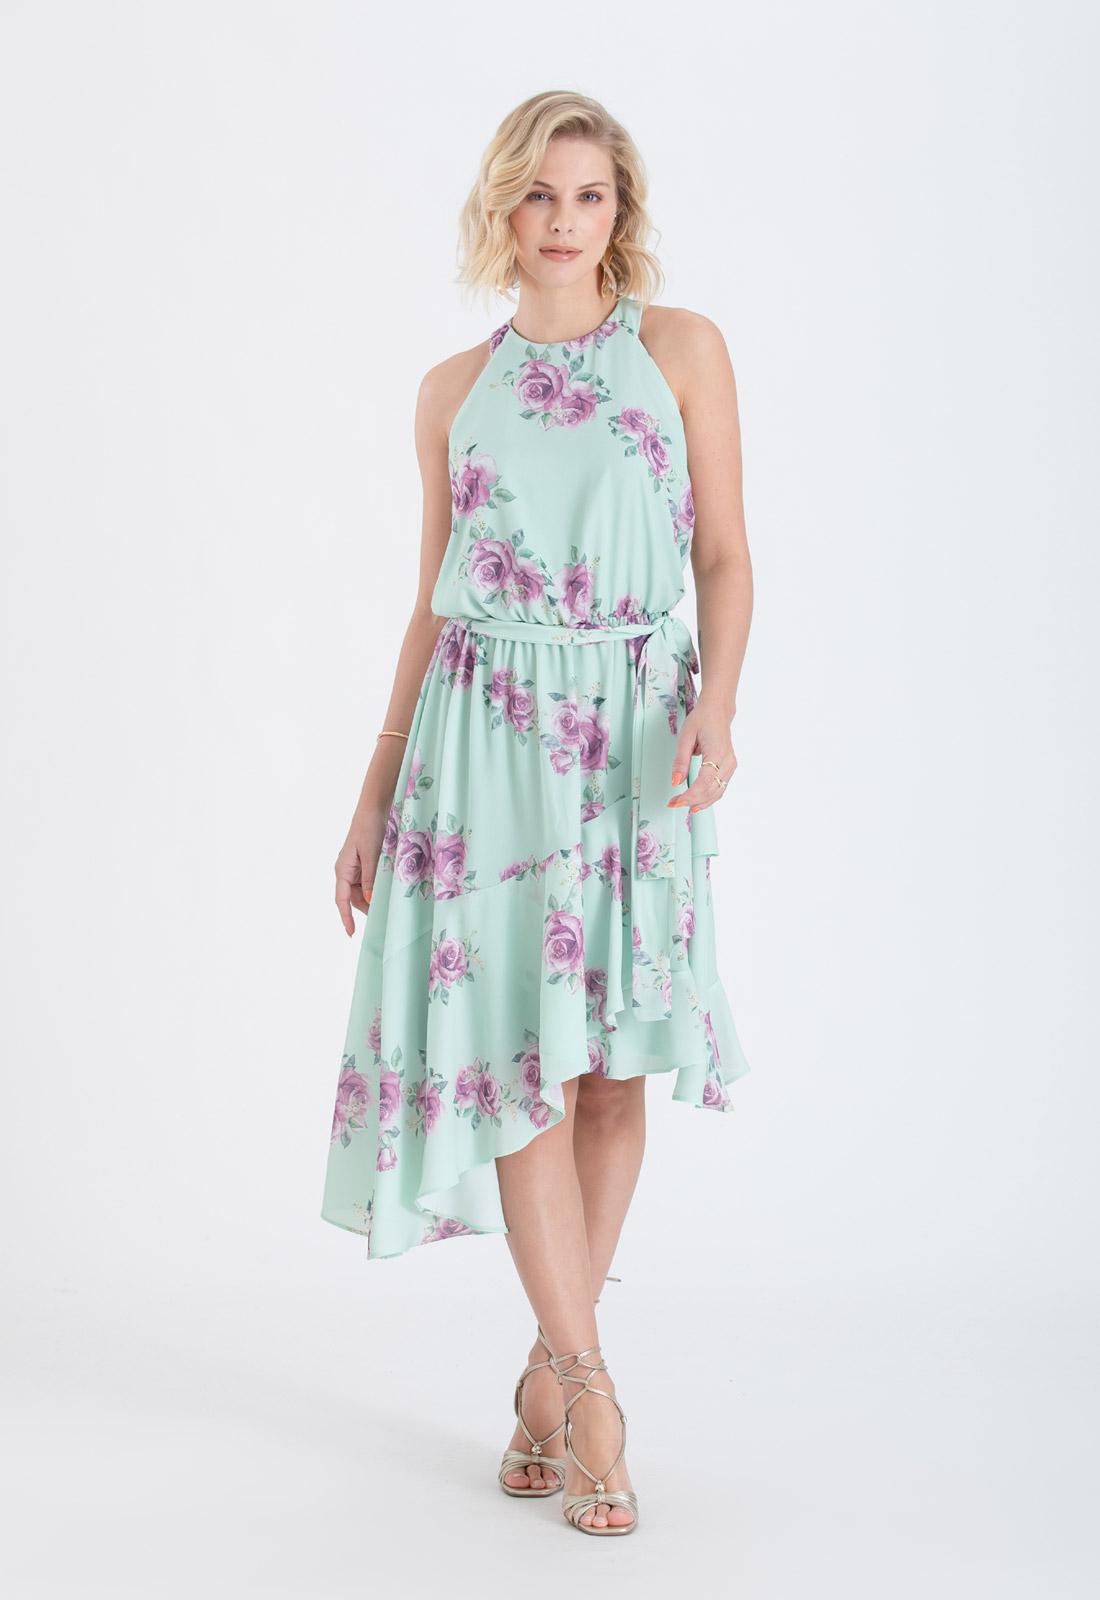 Vestido estampado verde mullet curto - Ref. 2682